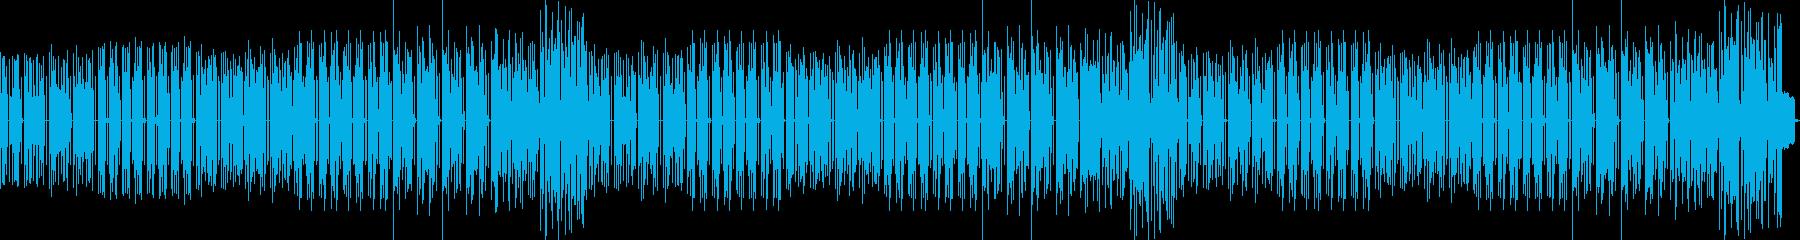 和風シンセベースの再生済みの波形